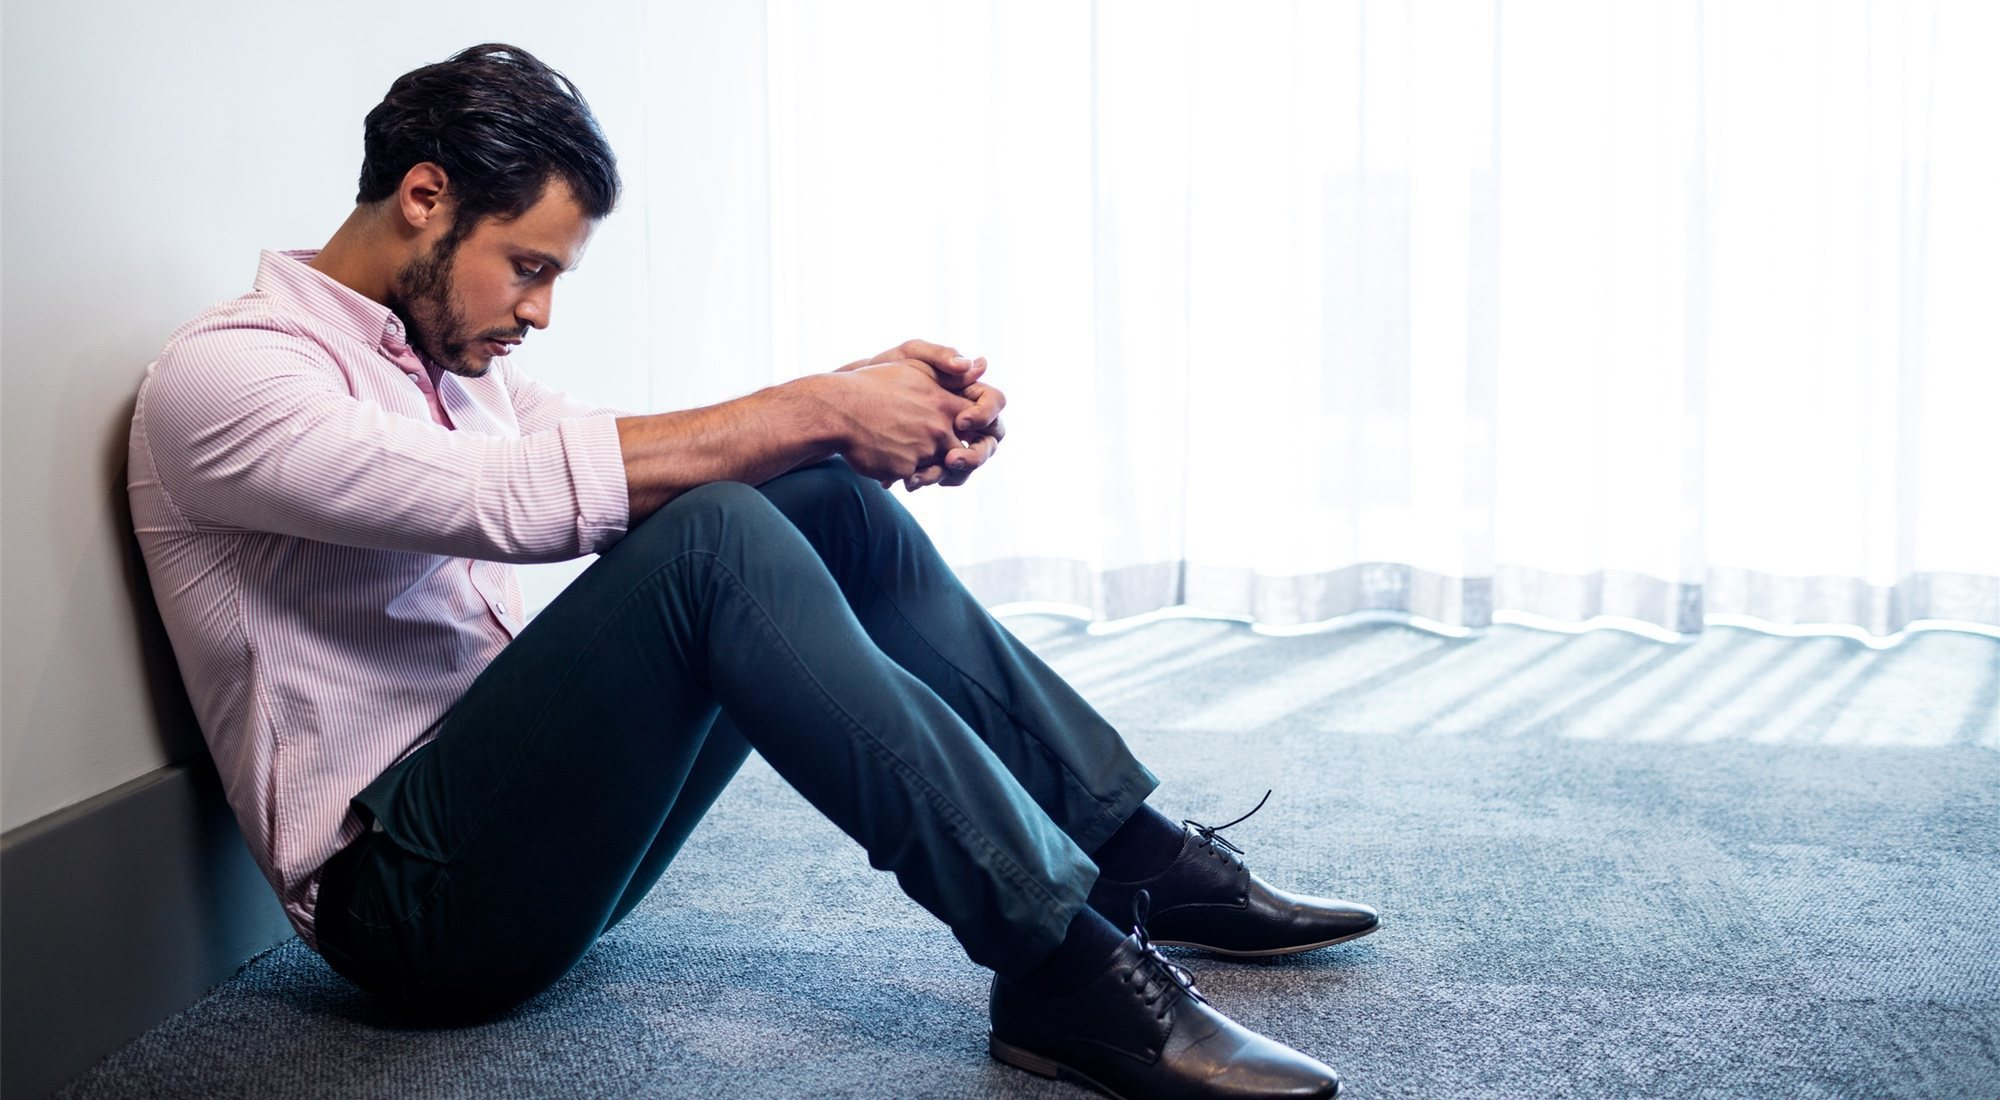 Cómo afrontar el duelo por una pérdida: 5 fases y mucha paciencia